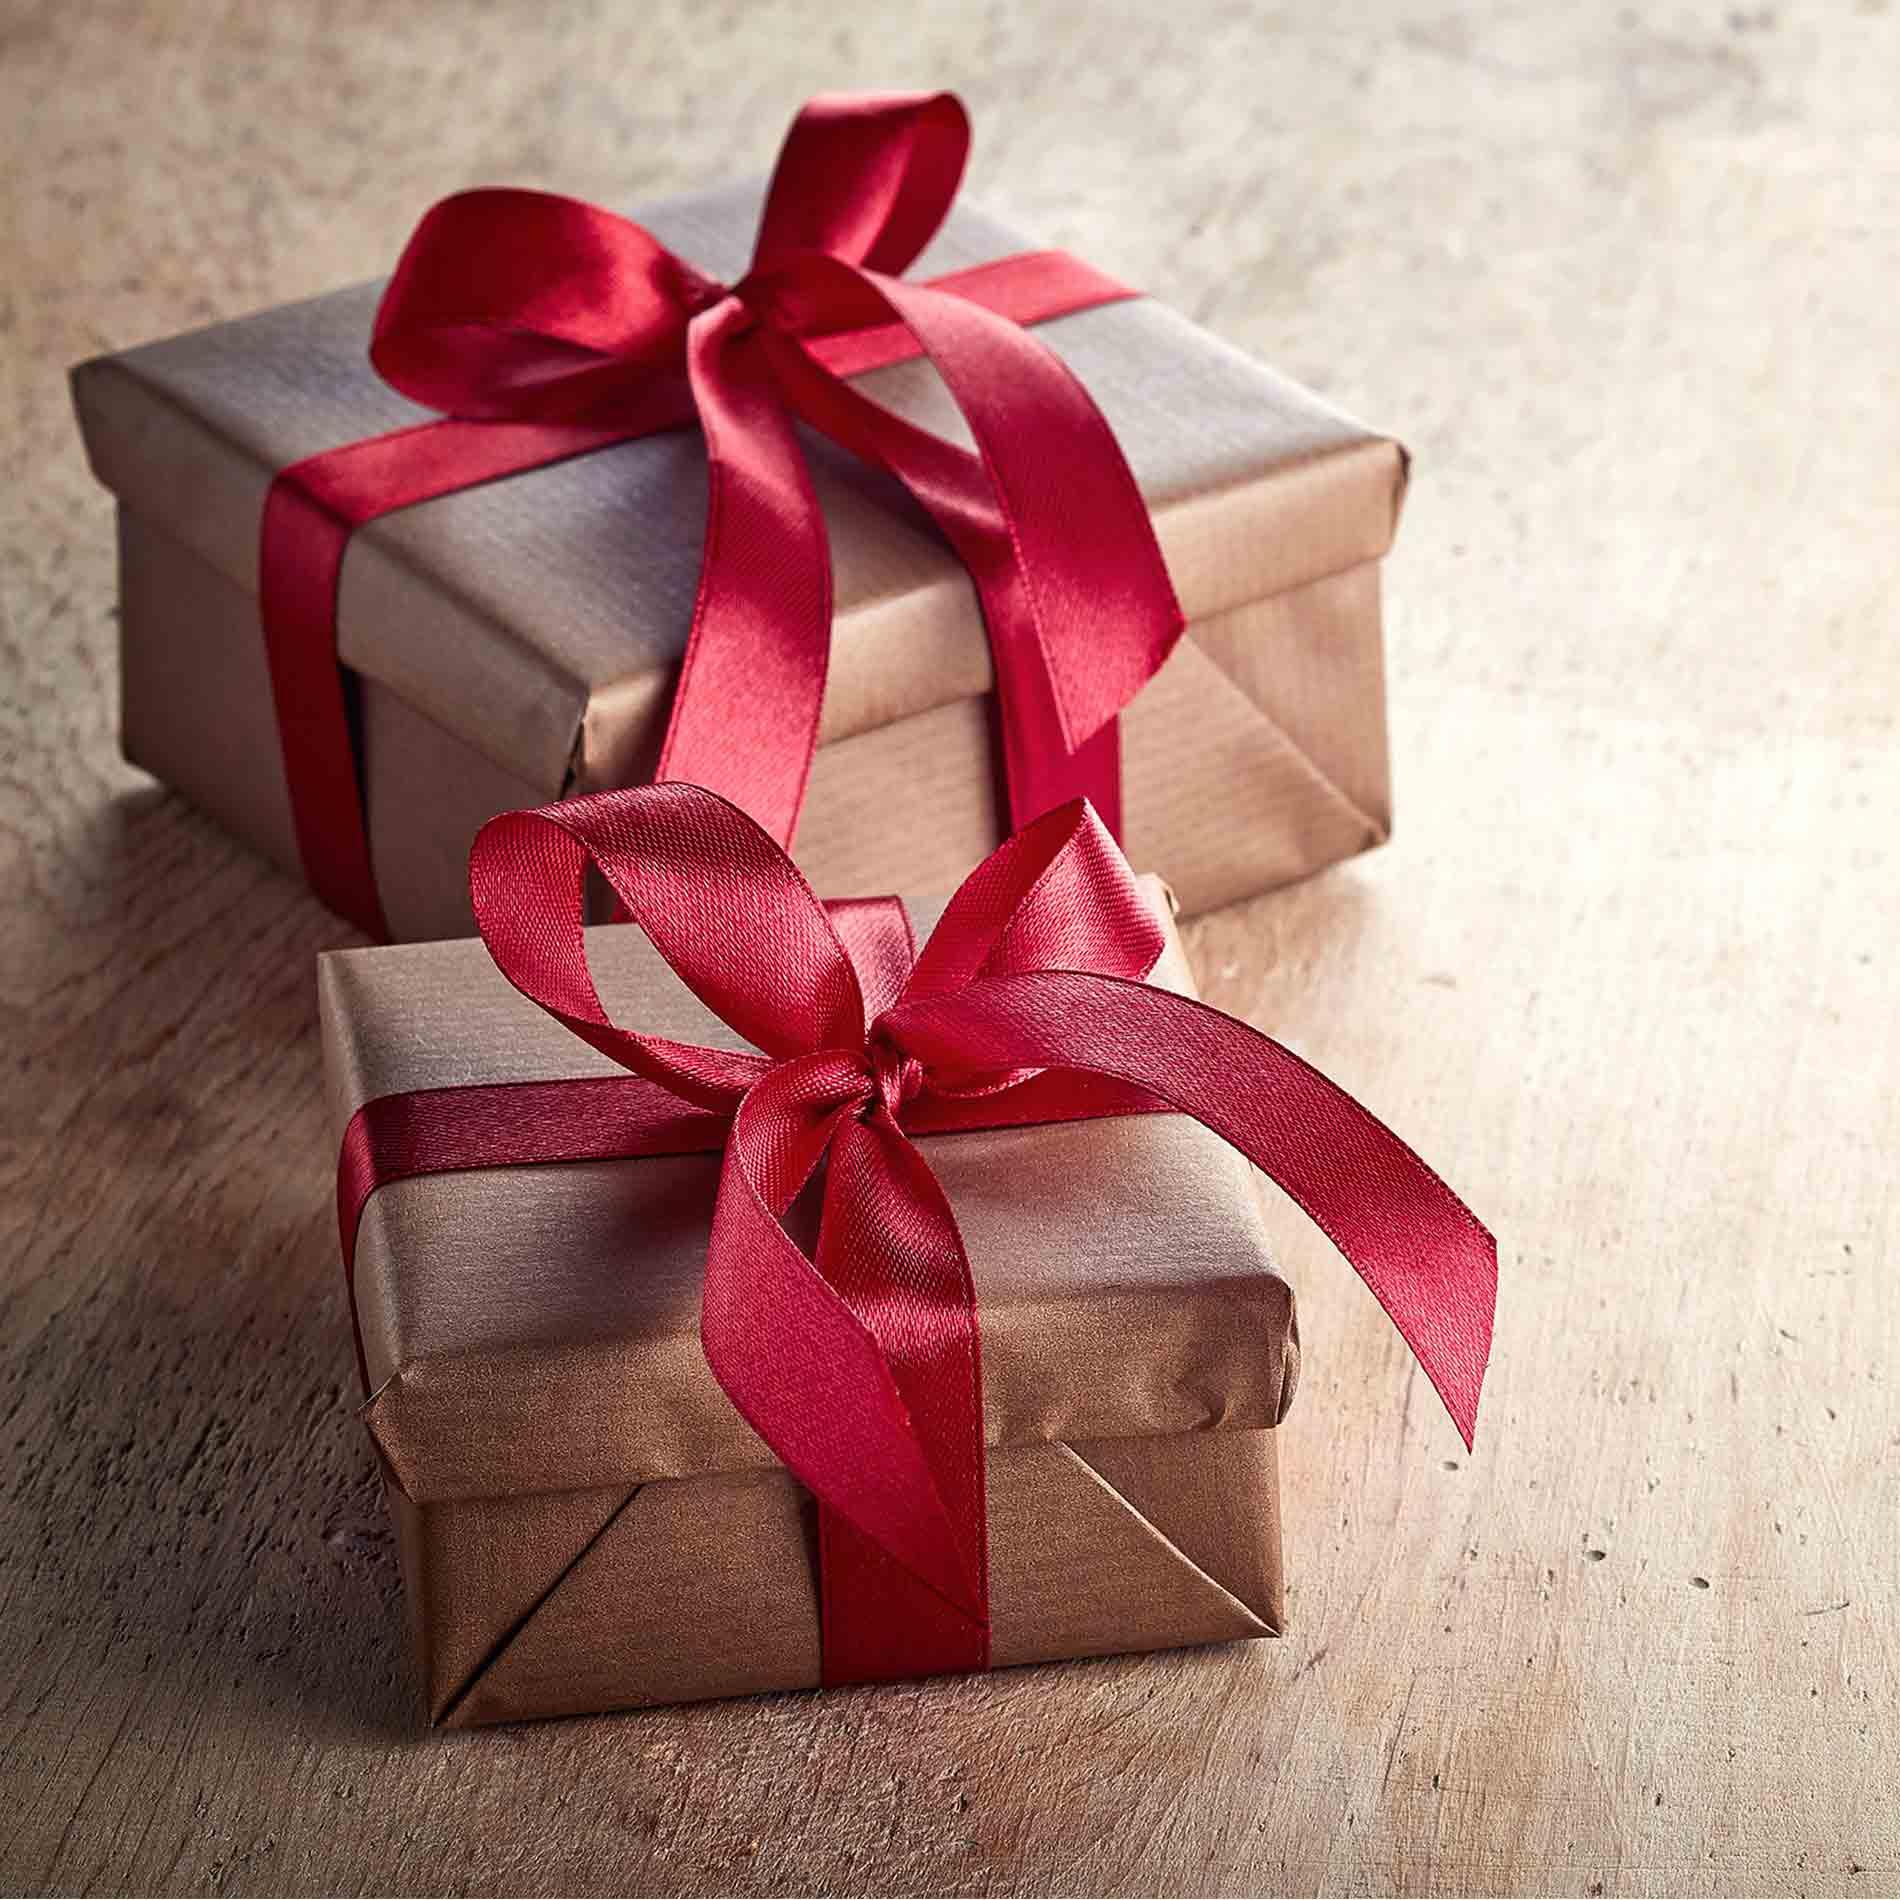 Weihnachtsgeschenke für Männer – Meine Top 6